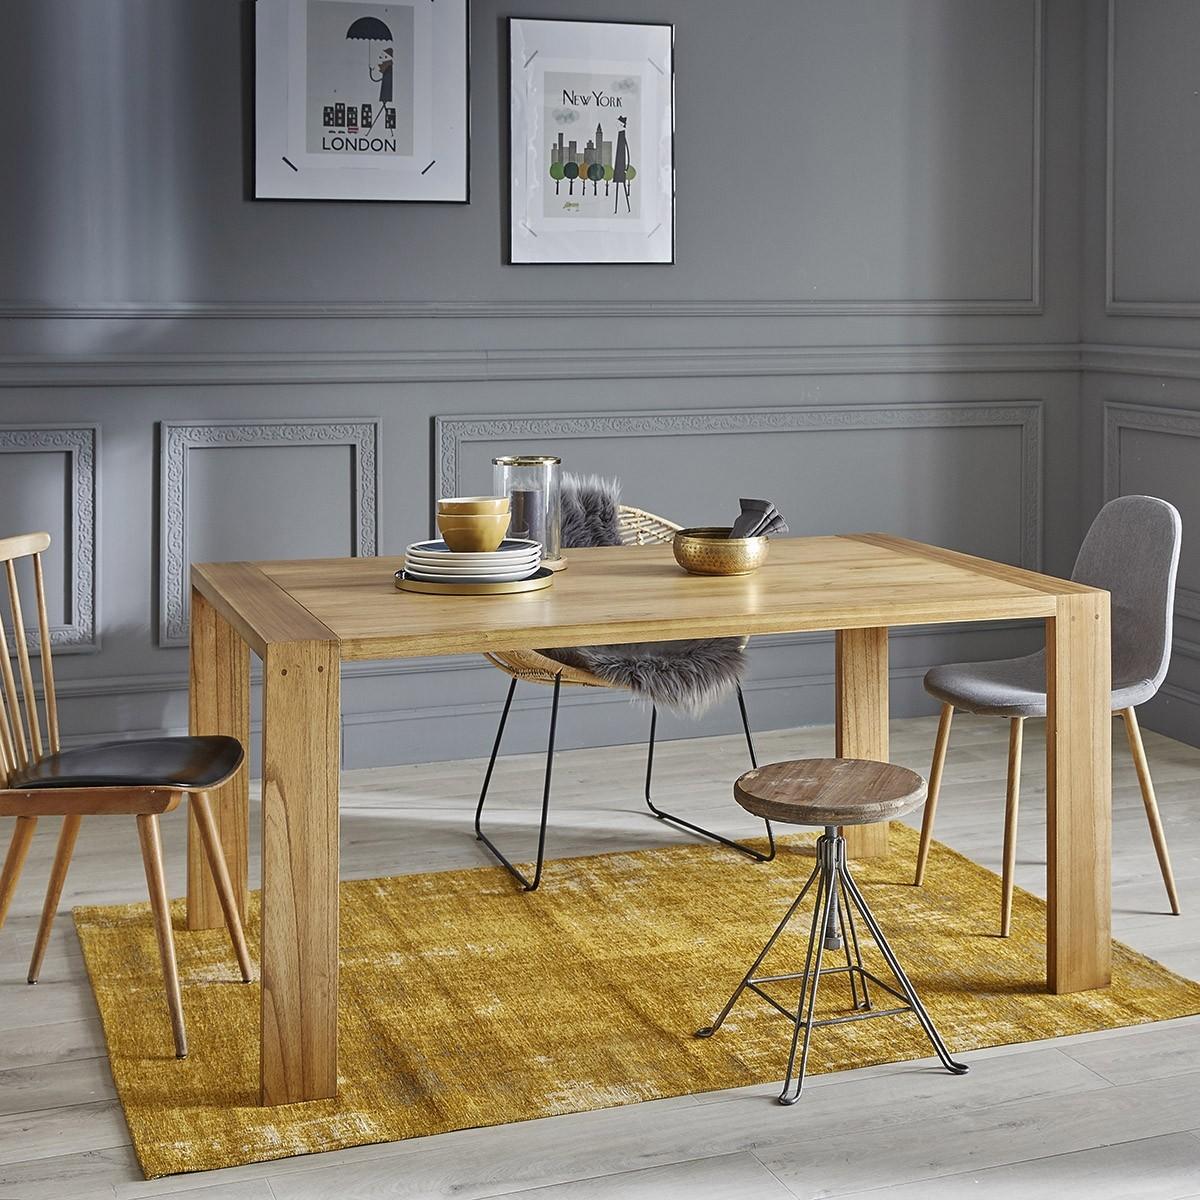 table en bois de mindy 8 personnes tilo bois dessus bois dessous. Black Bedroom Furniture Sets. Home Design Ideas